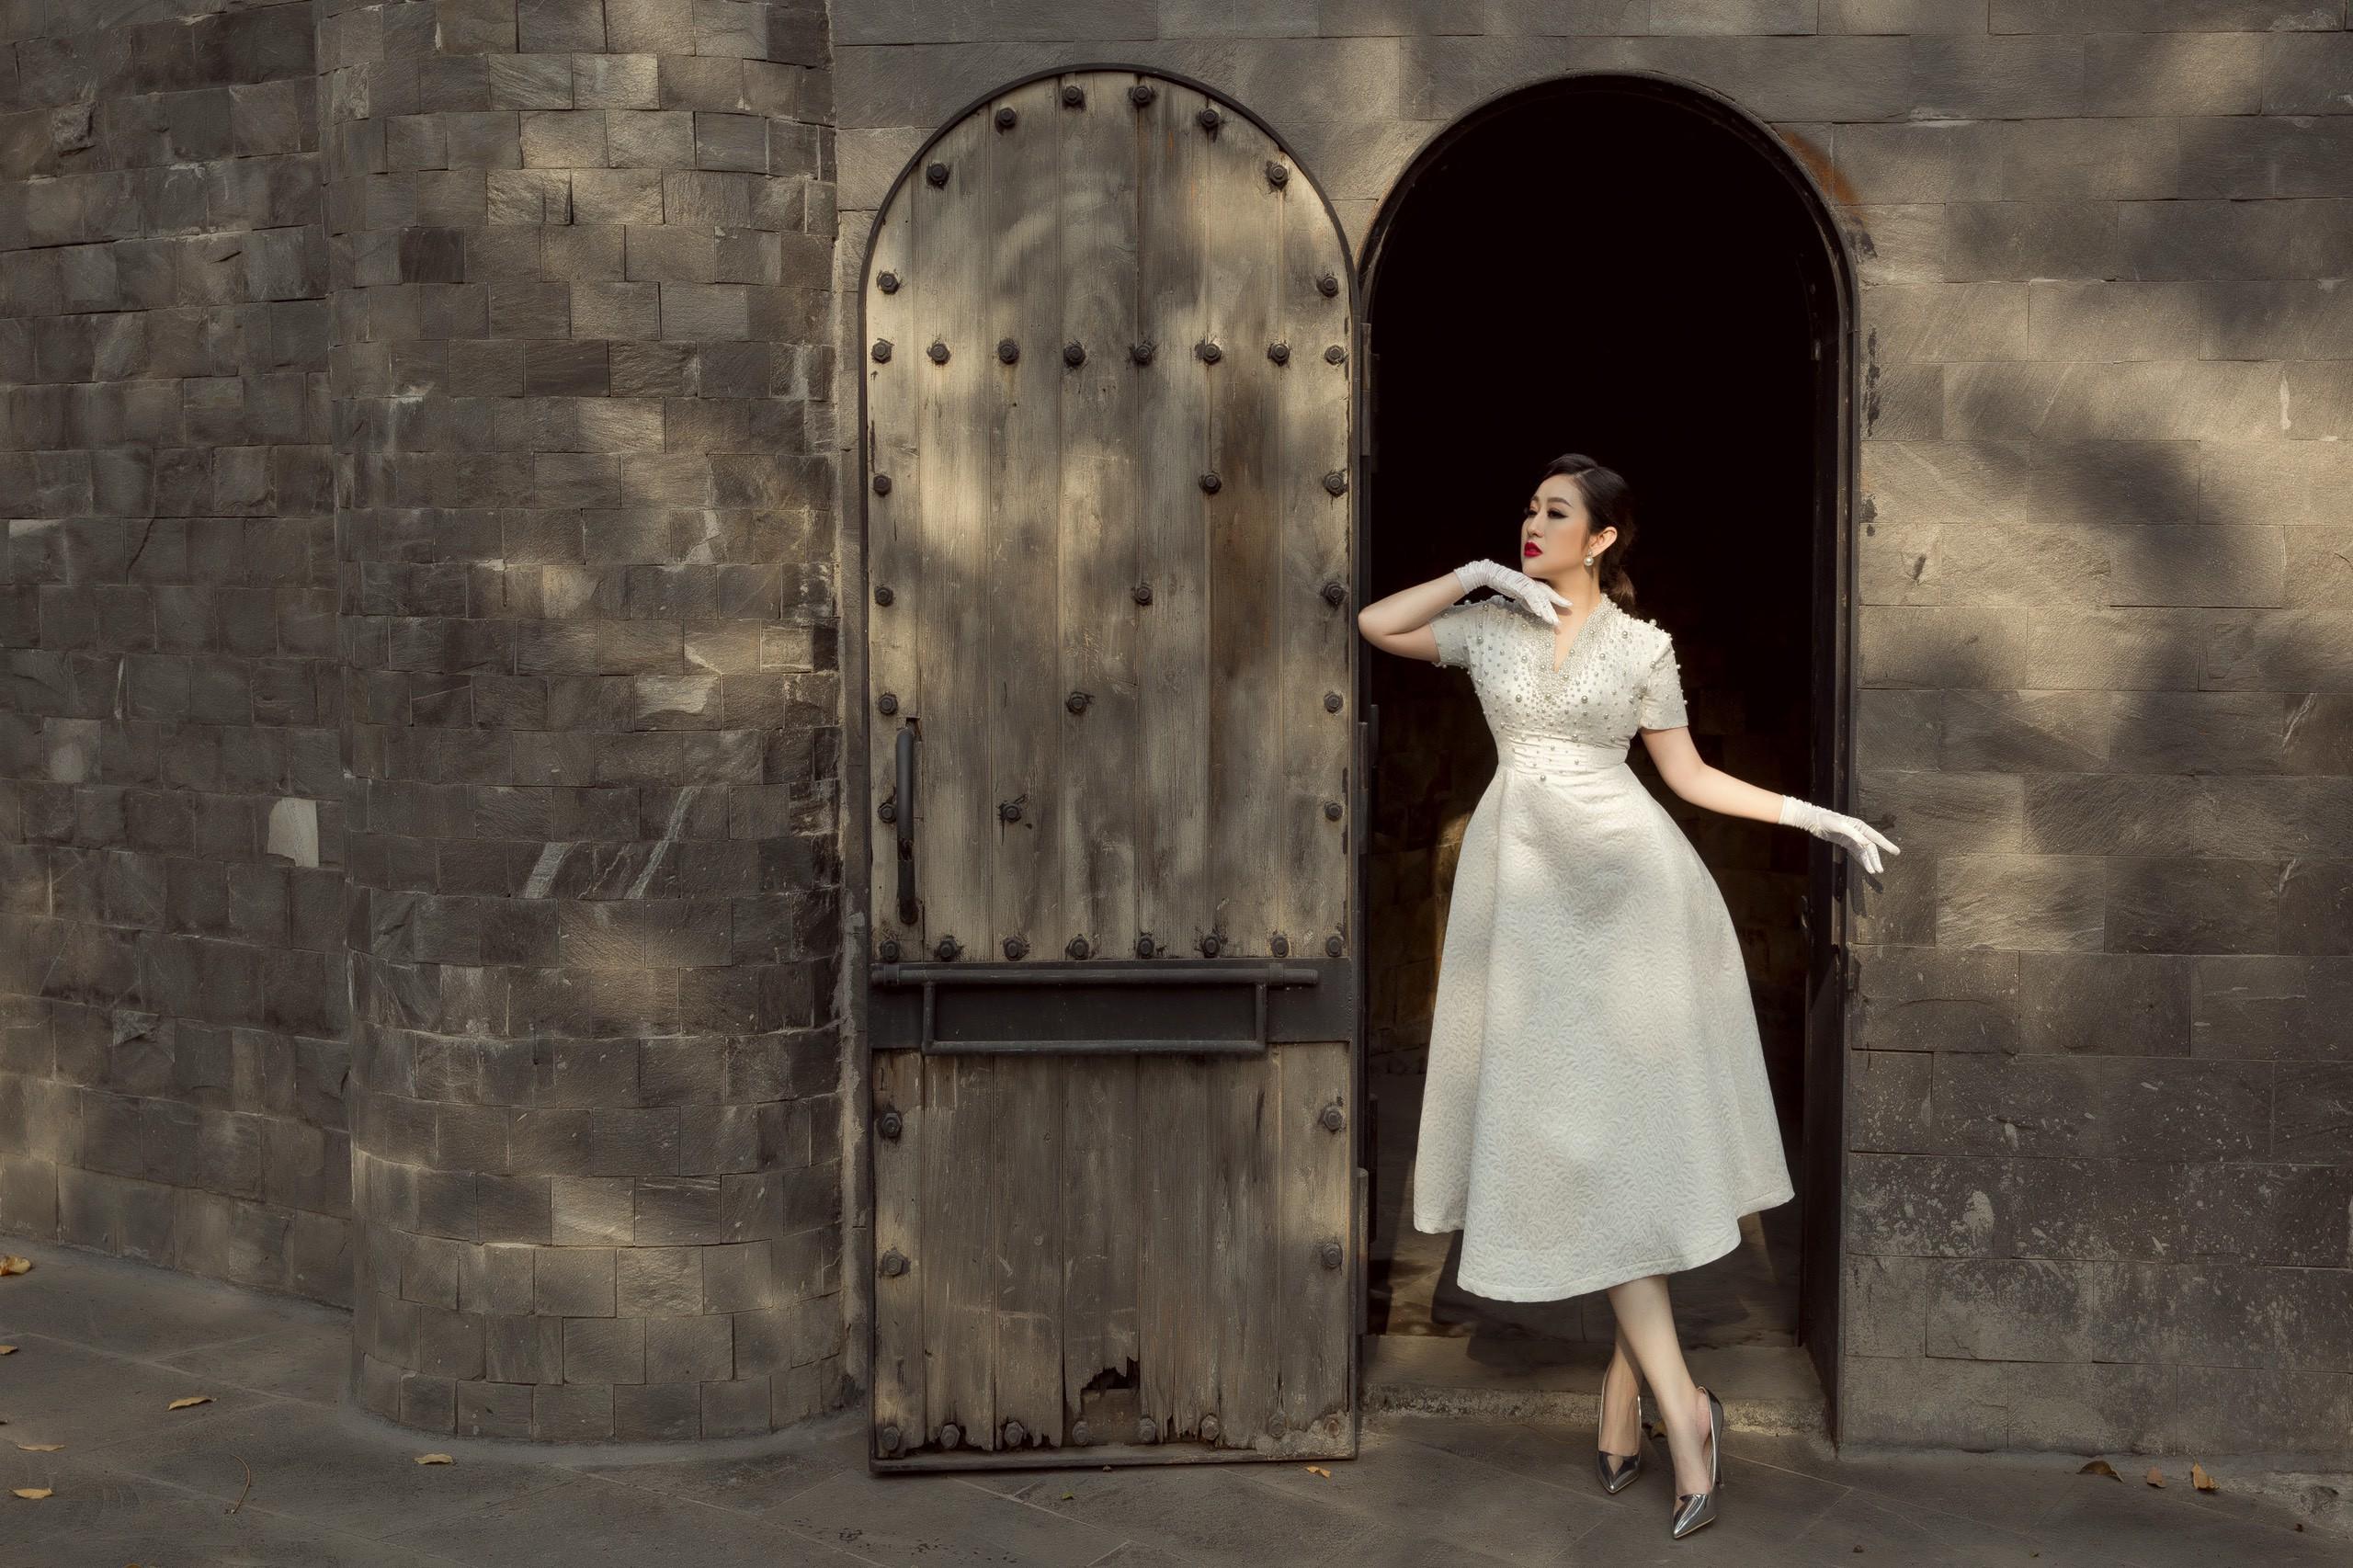 Nữ hoàng Kim Trang hóa thân thành quý cô kiêu kỳ trong bộ ảnh mới